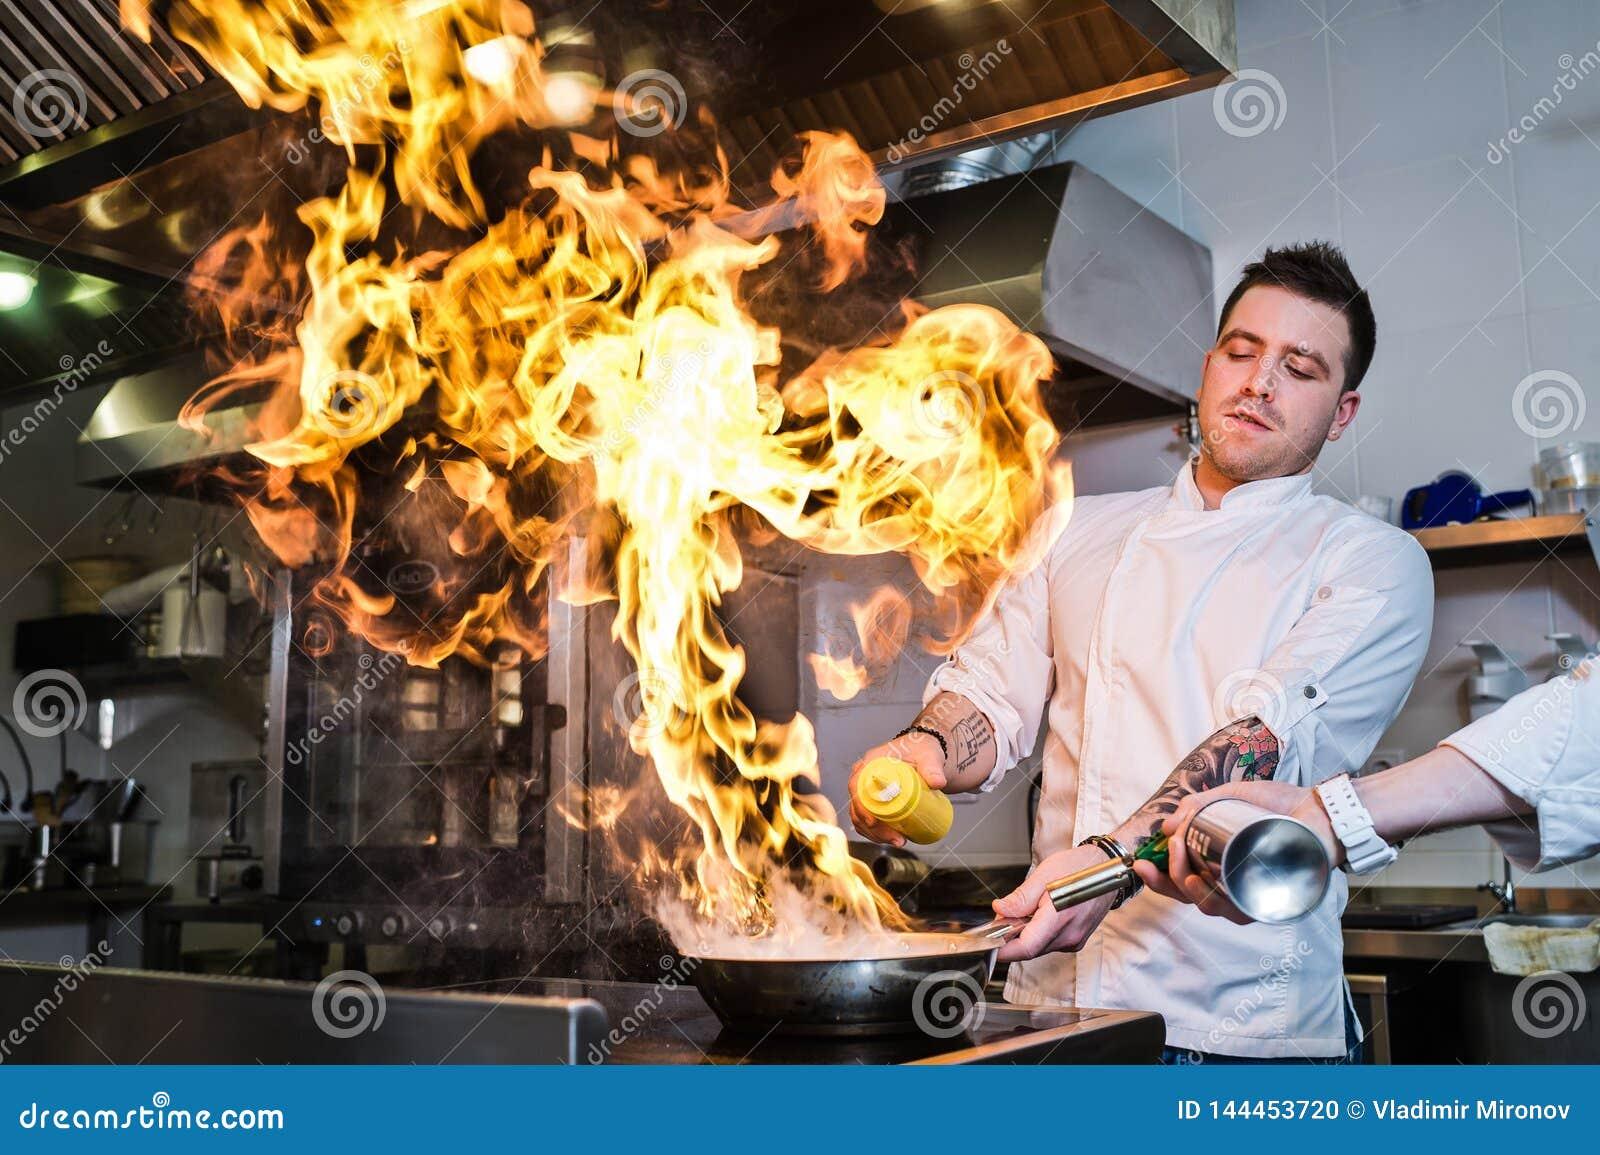 Ρωσία, Αγία Πετρούπολη, 03 17 2019 - ο αρχιμάγειρας κάνει flambe σε μια κουζίνα εστιατορίων, σκοτεινό υπόβαθρο